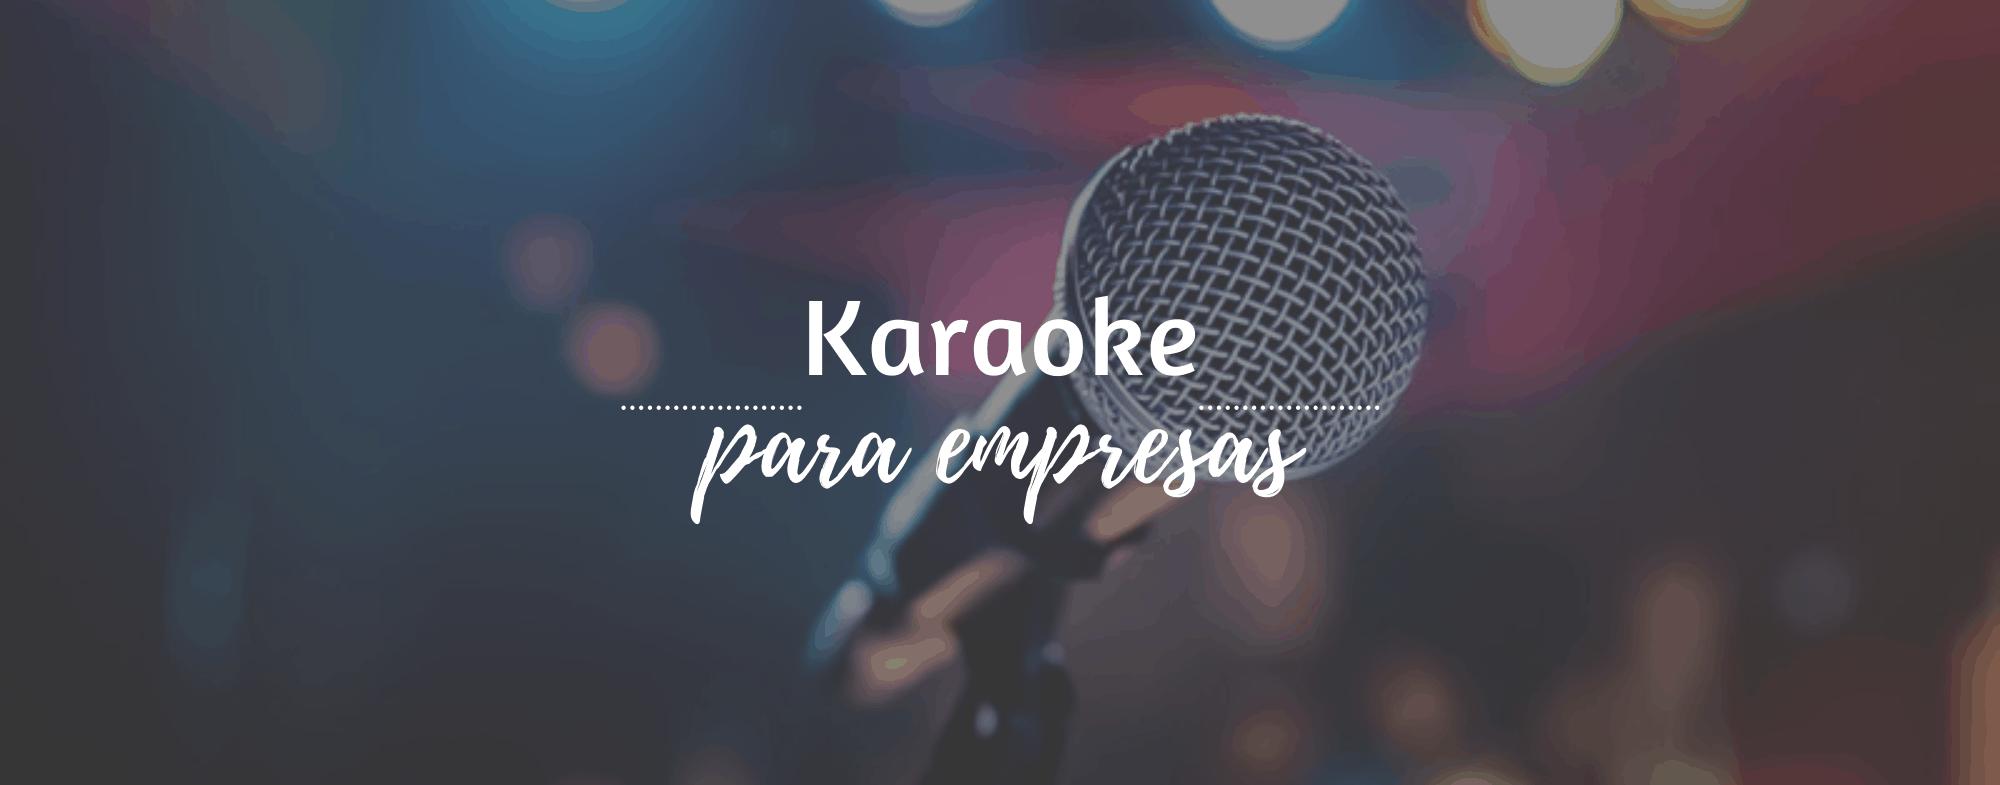 karaoke-para-empresas-1